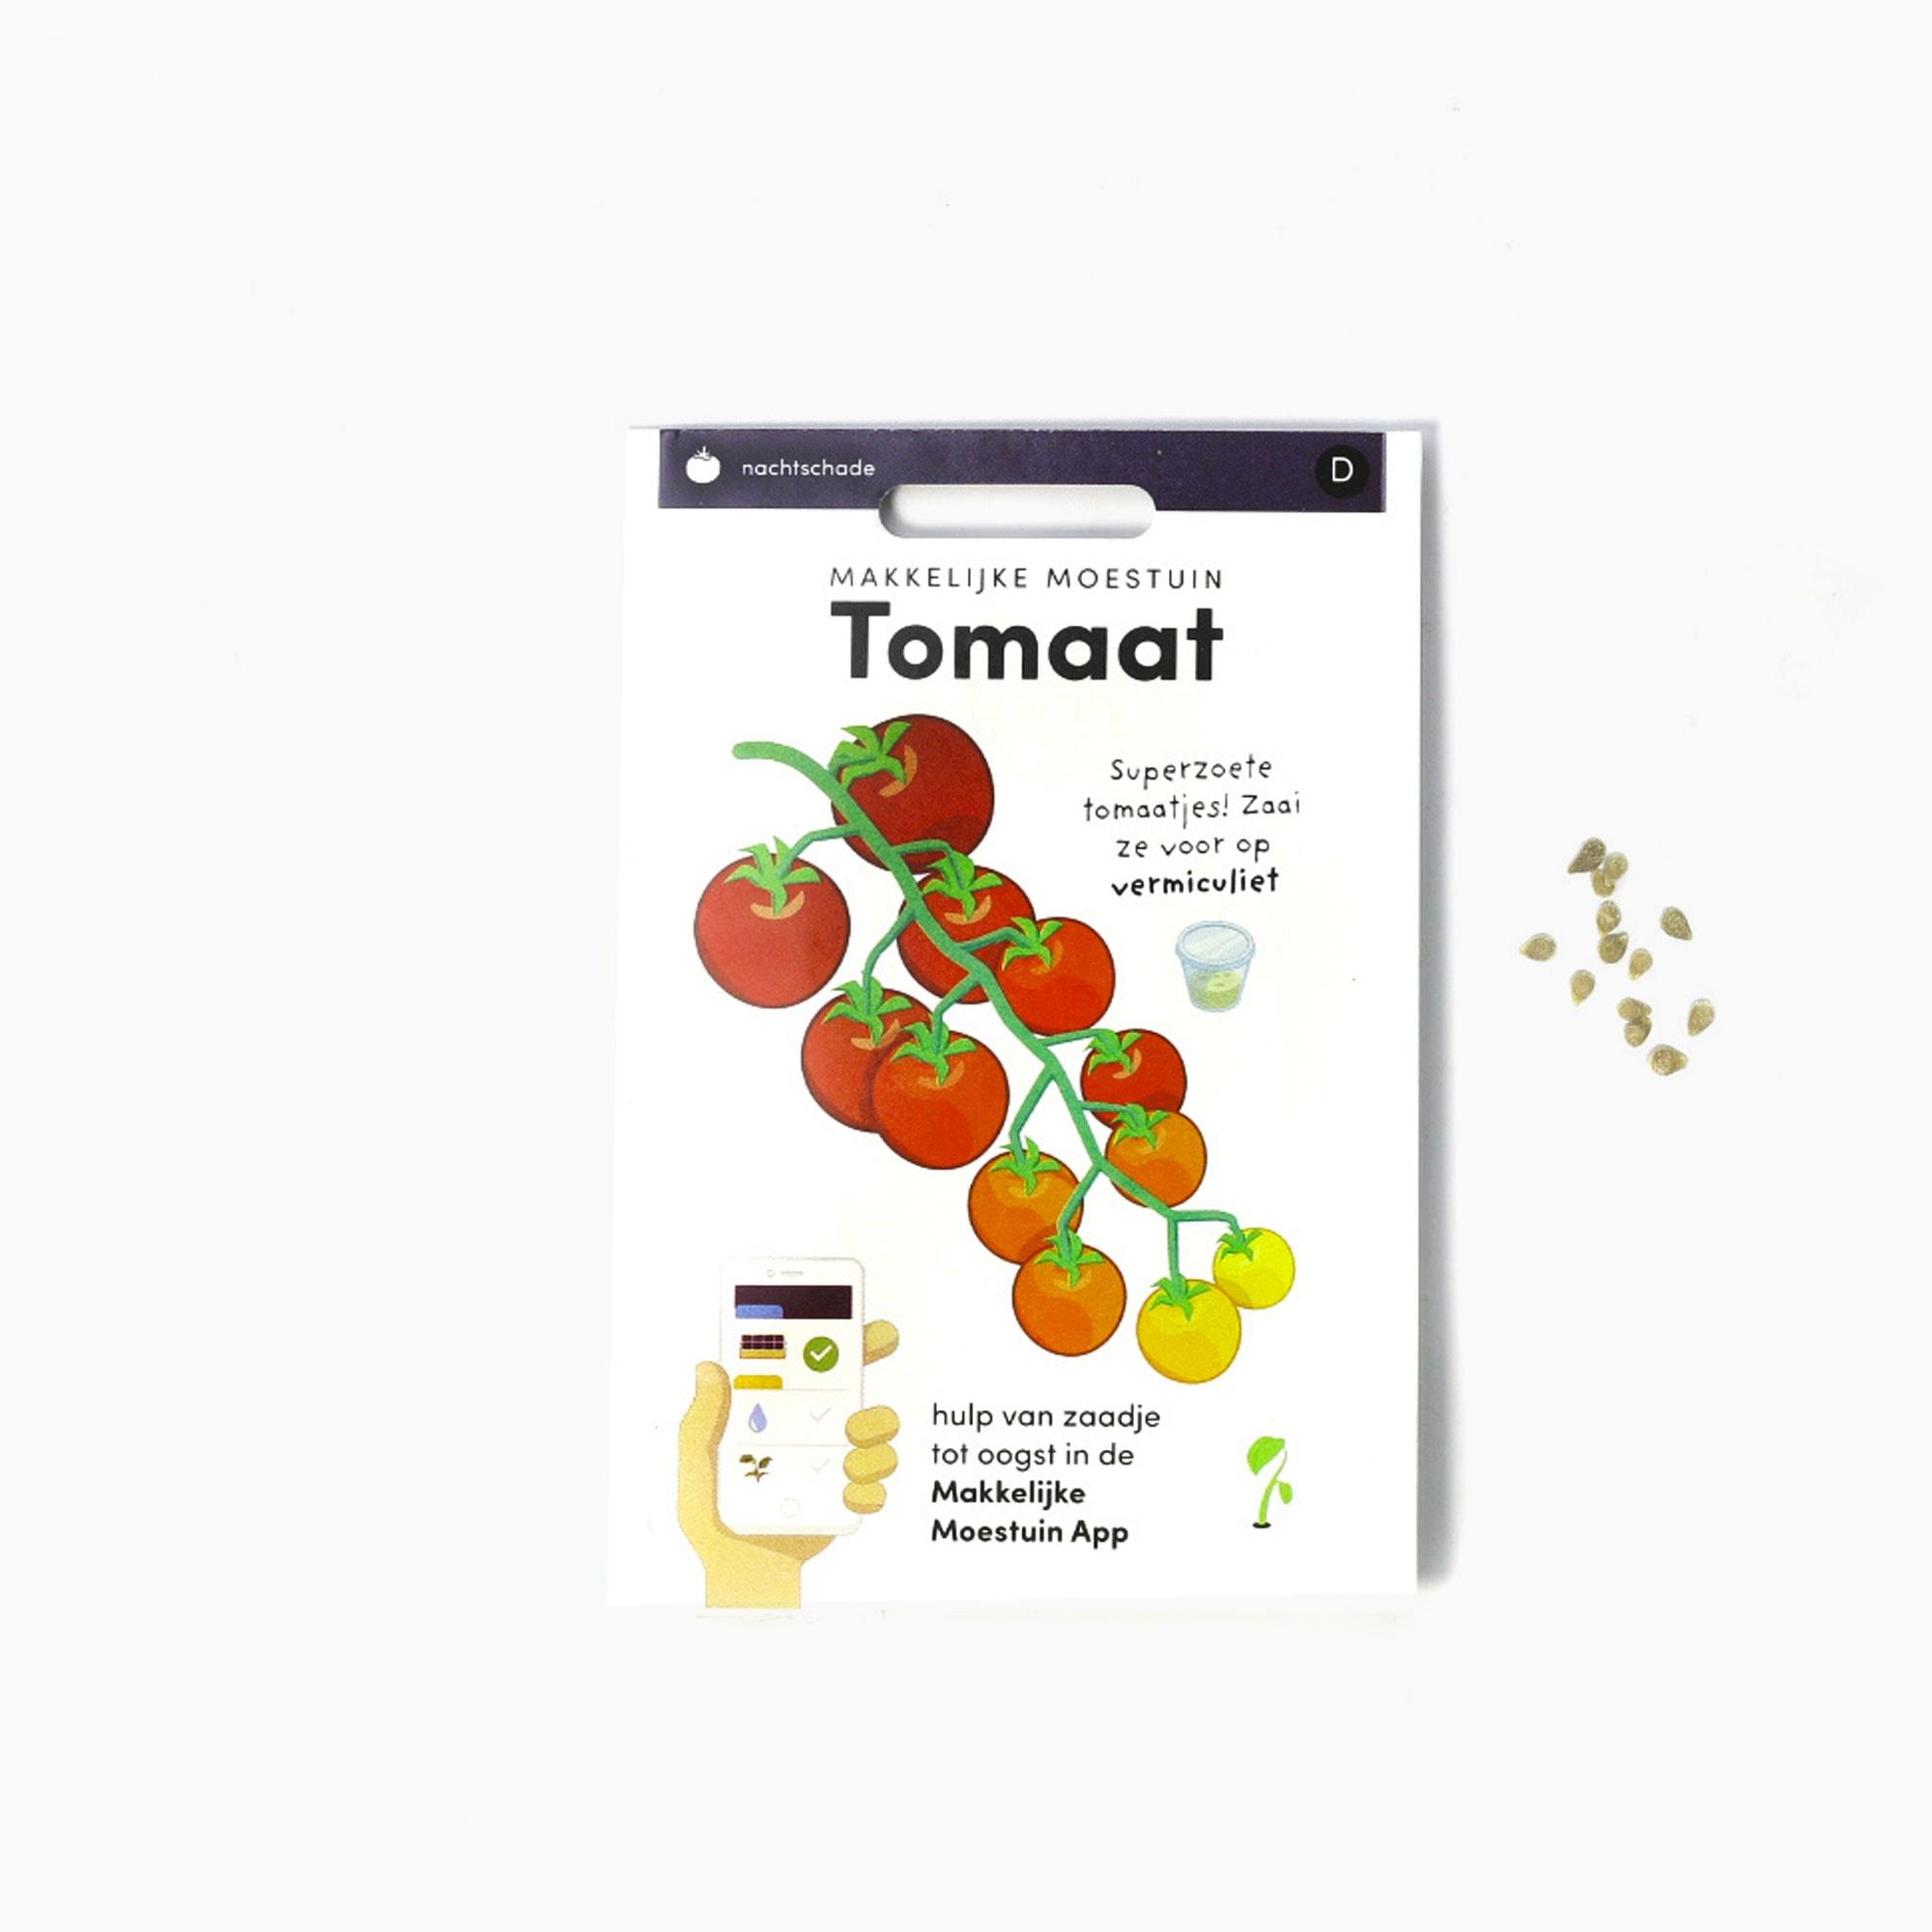 Tomaat-(1).jpg